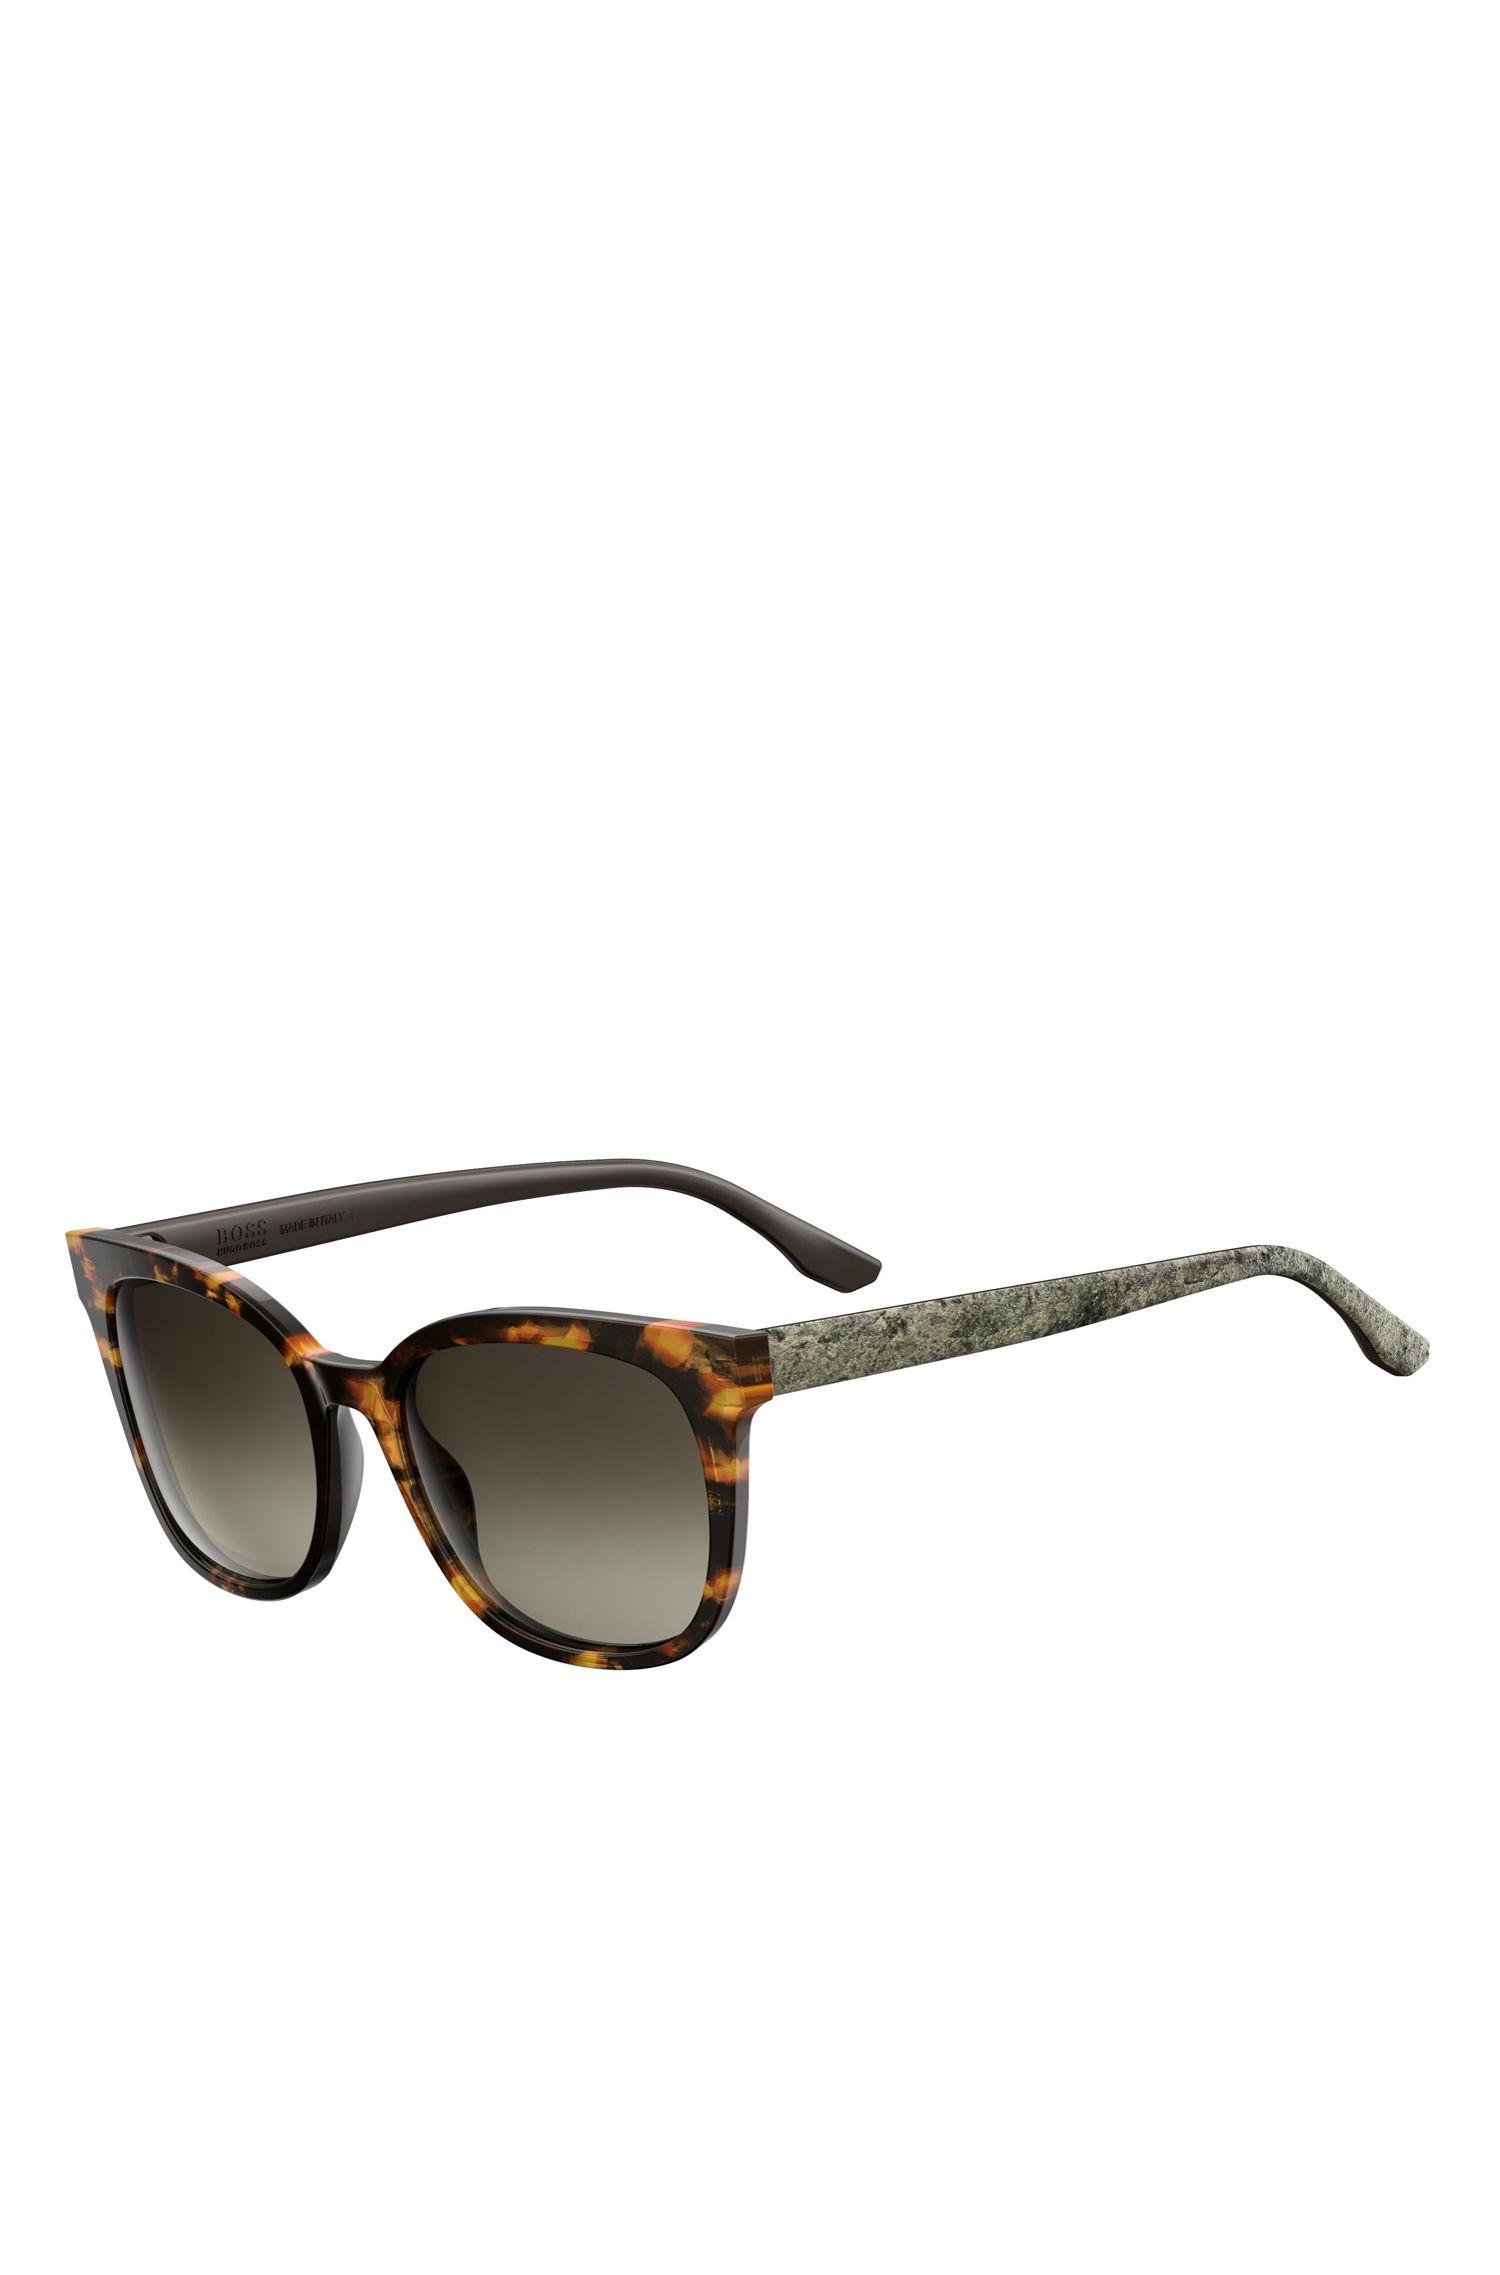 Tortoiseshell Acetate Round Sunglasses | BOSS 0893S